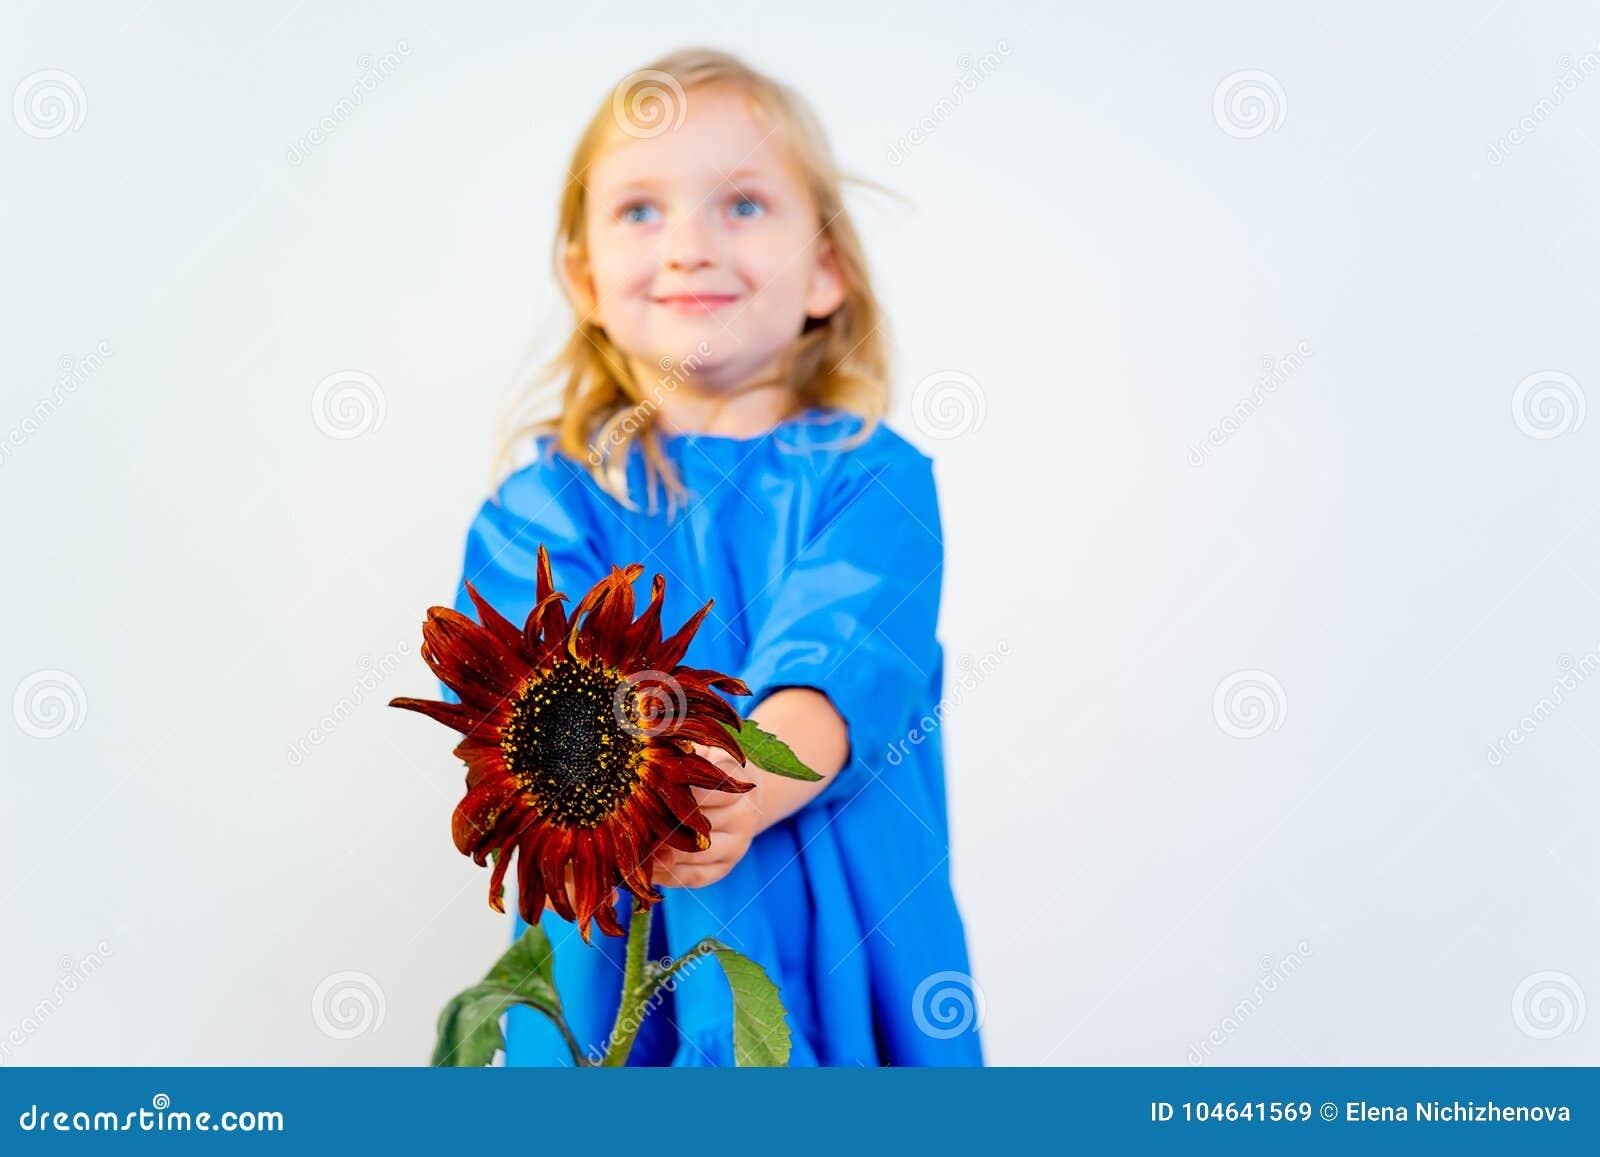 Download Meisje met bloemen stock afbeelding. Afbeelding bestaande uit pret - 104641569